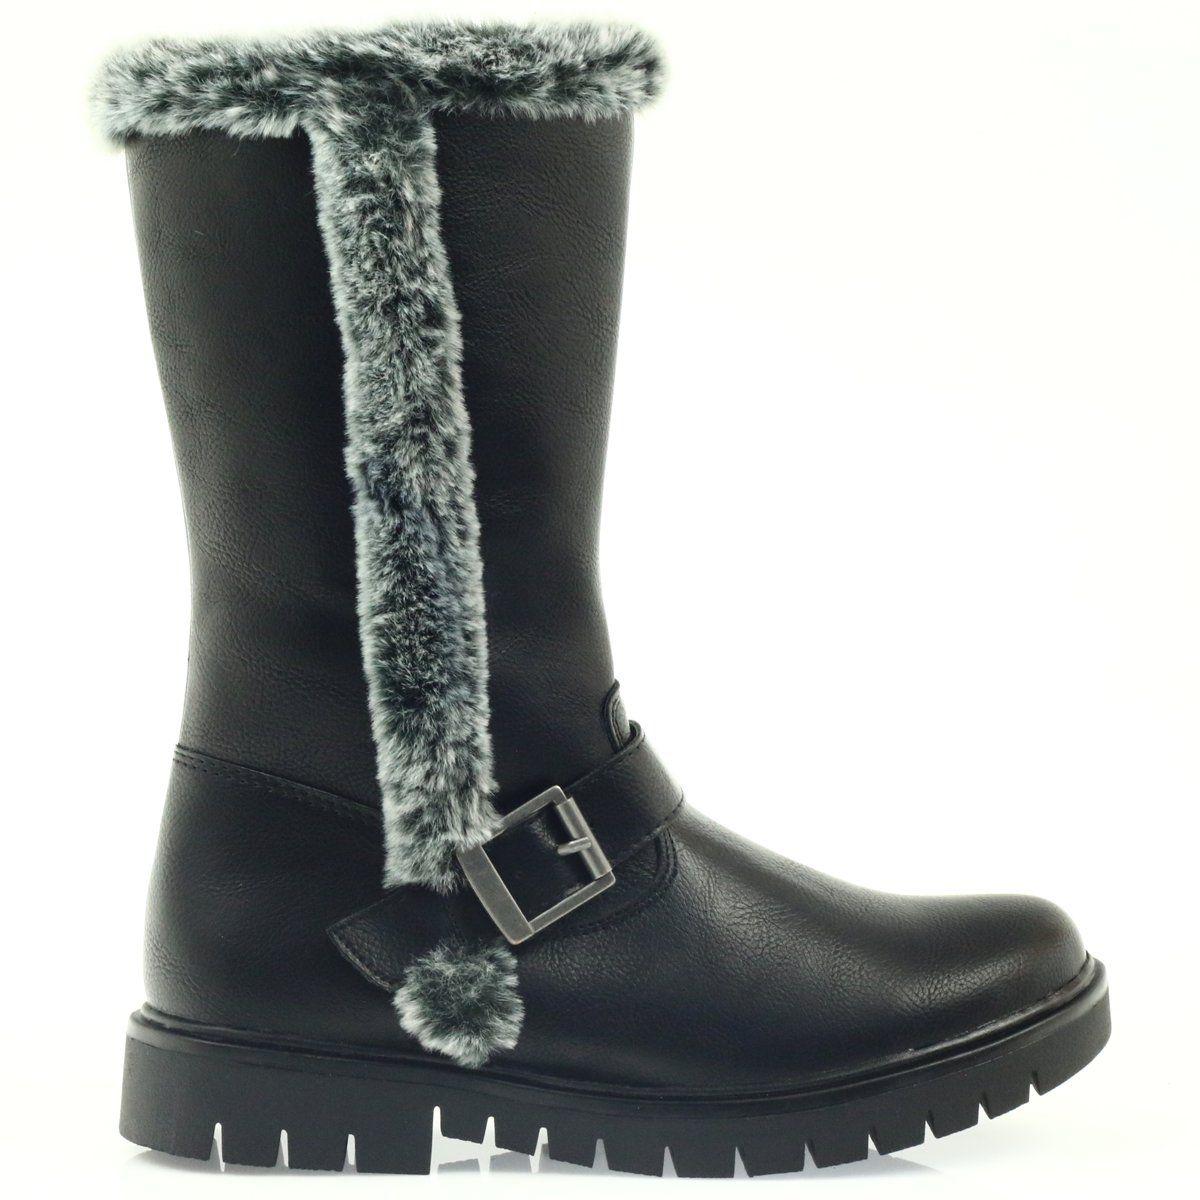 American Club Dlugie Kozaczki Z Futerkiem Czarne Biker Boot Boots Shoes